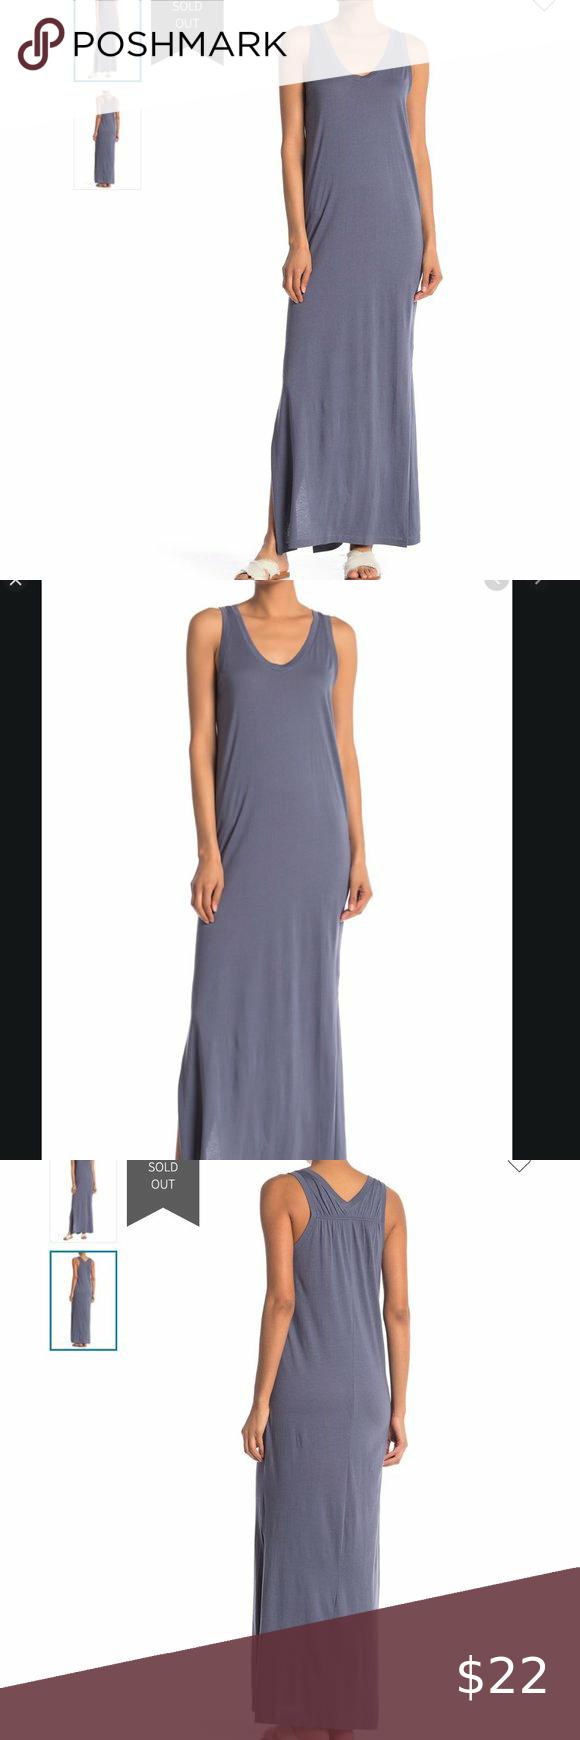 Susina Cinch Back Tank Top Maxi Dress Gray Nwt Xsp In 2021 Top Maxi Dresses Grey Maxi Dress Dress Size Chart Women [ 1740 x 580 Pixel ]